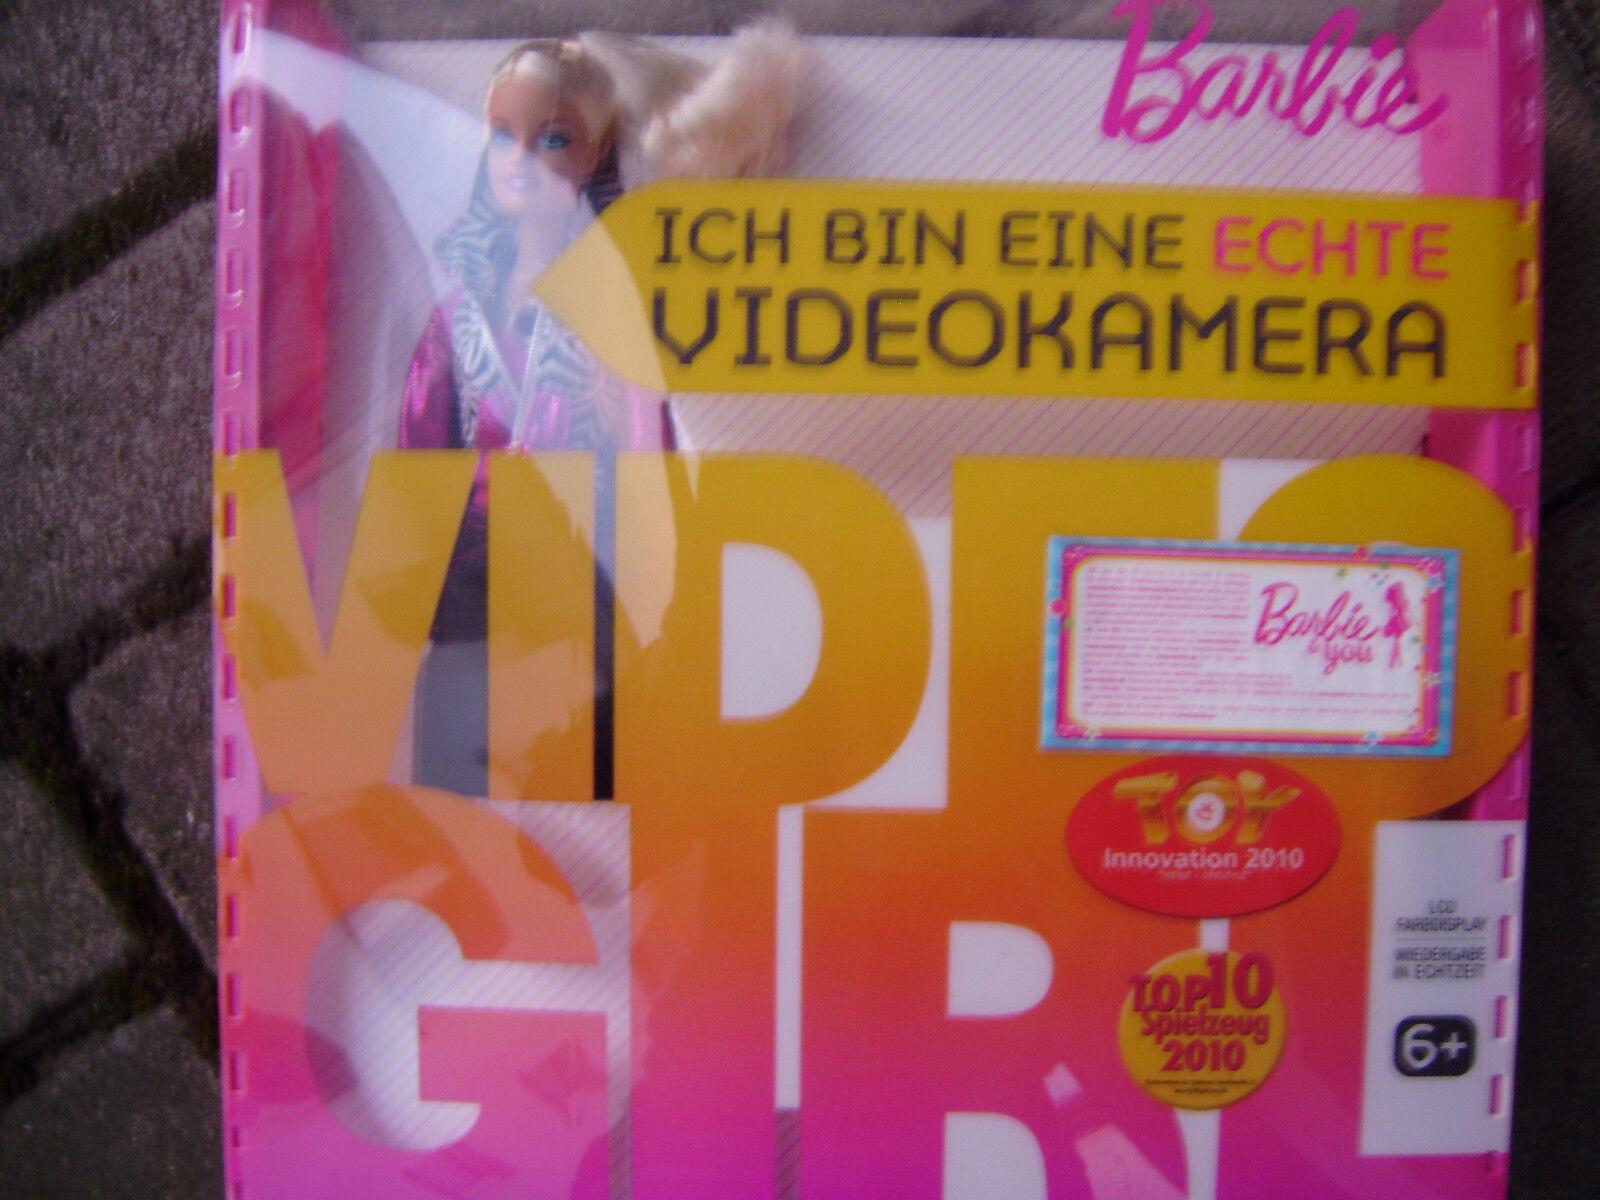 BARBIE VIDEO GIRL MIT ECHTER ECHTER ECHTER KAMERA CAM & FARB 3a9e94